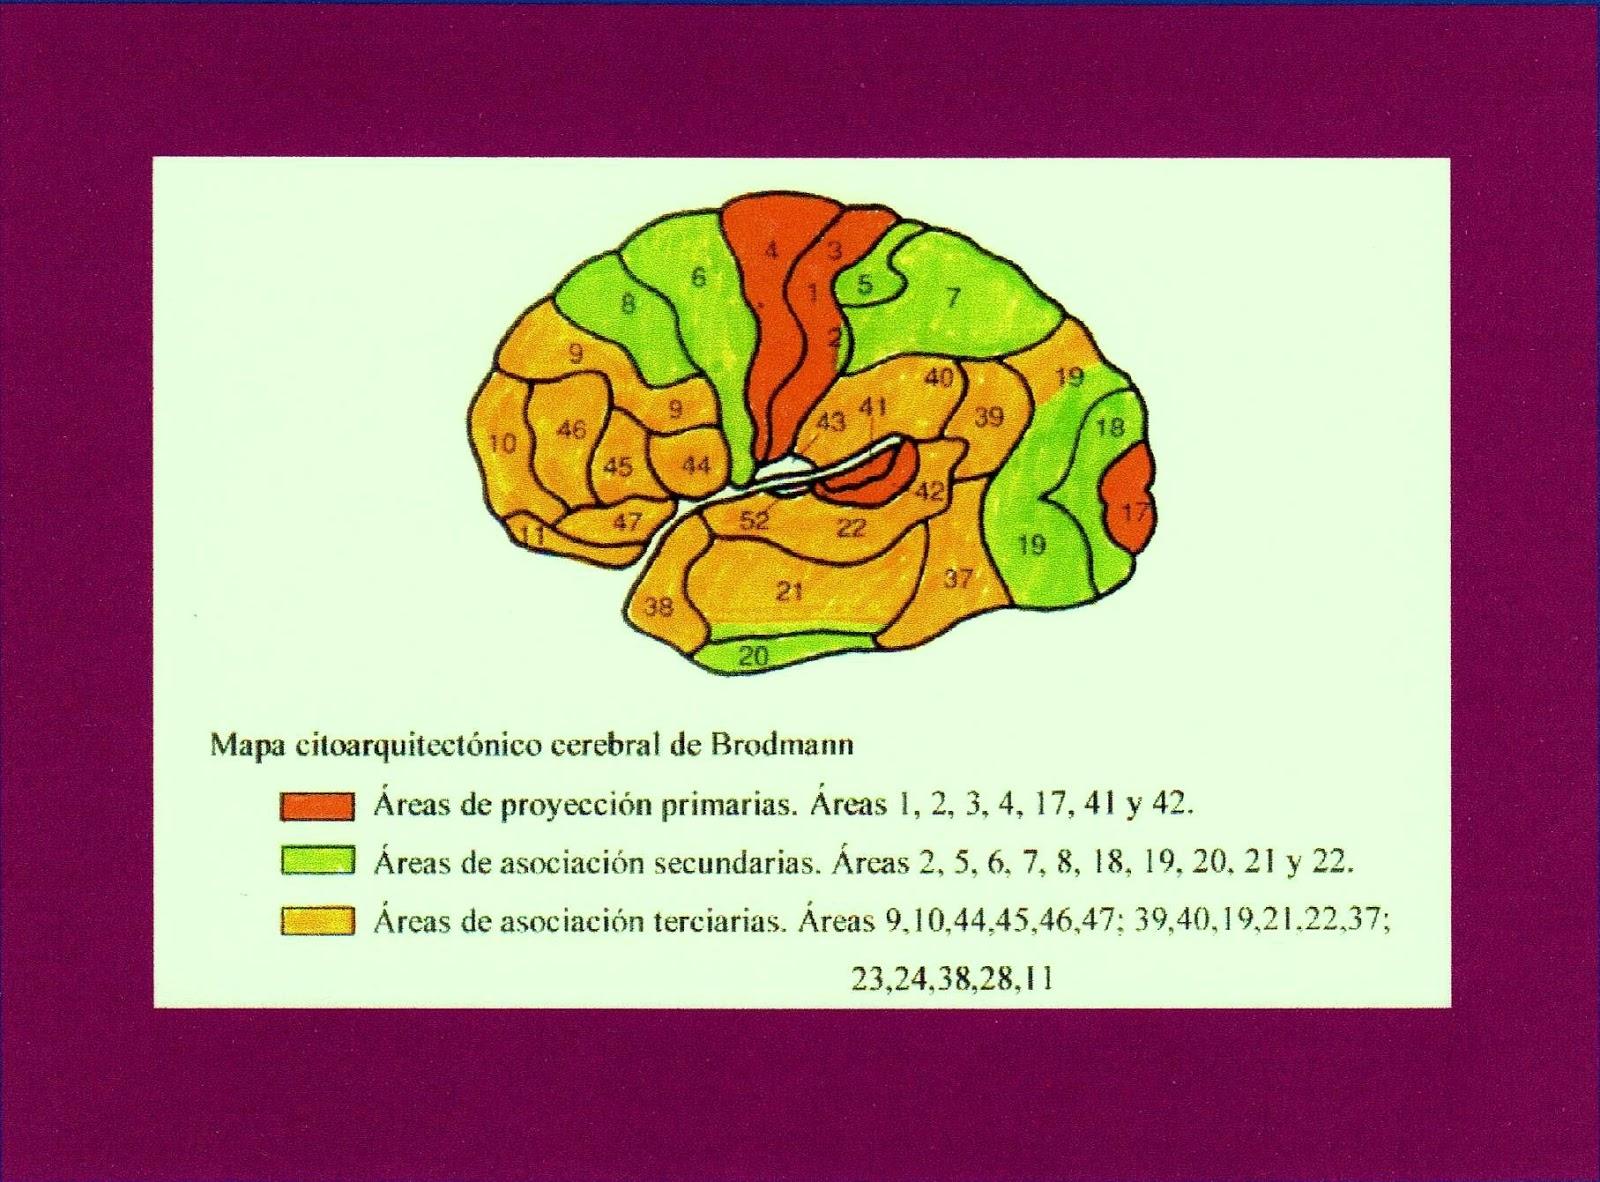 Psicobiología del género Homo: Área de Broca. Filogenia y ontogenia ...